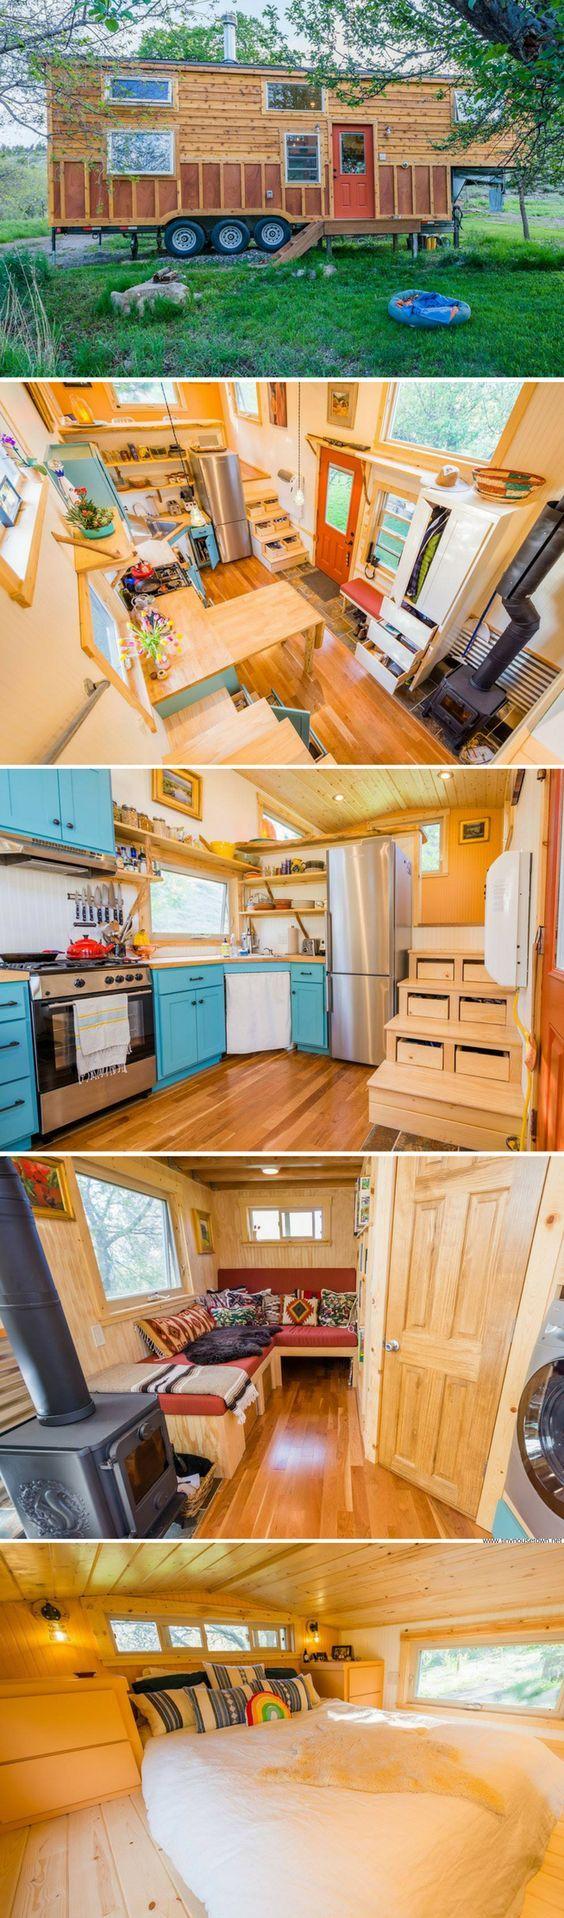 A custom tiny house from Mitchcraft Tiny Homes